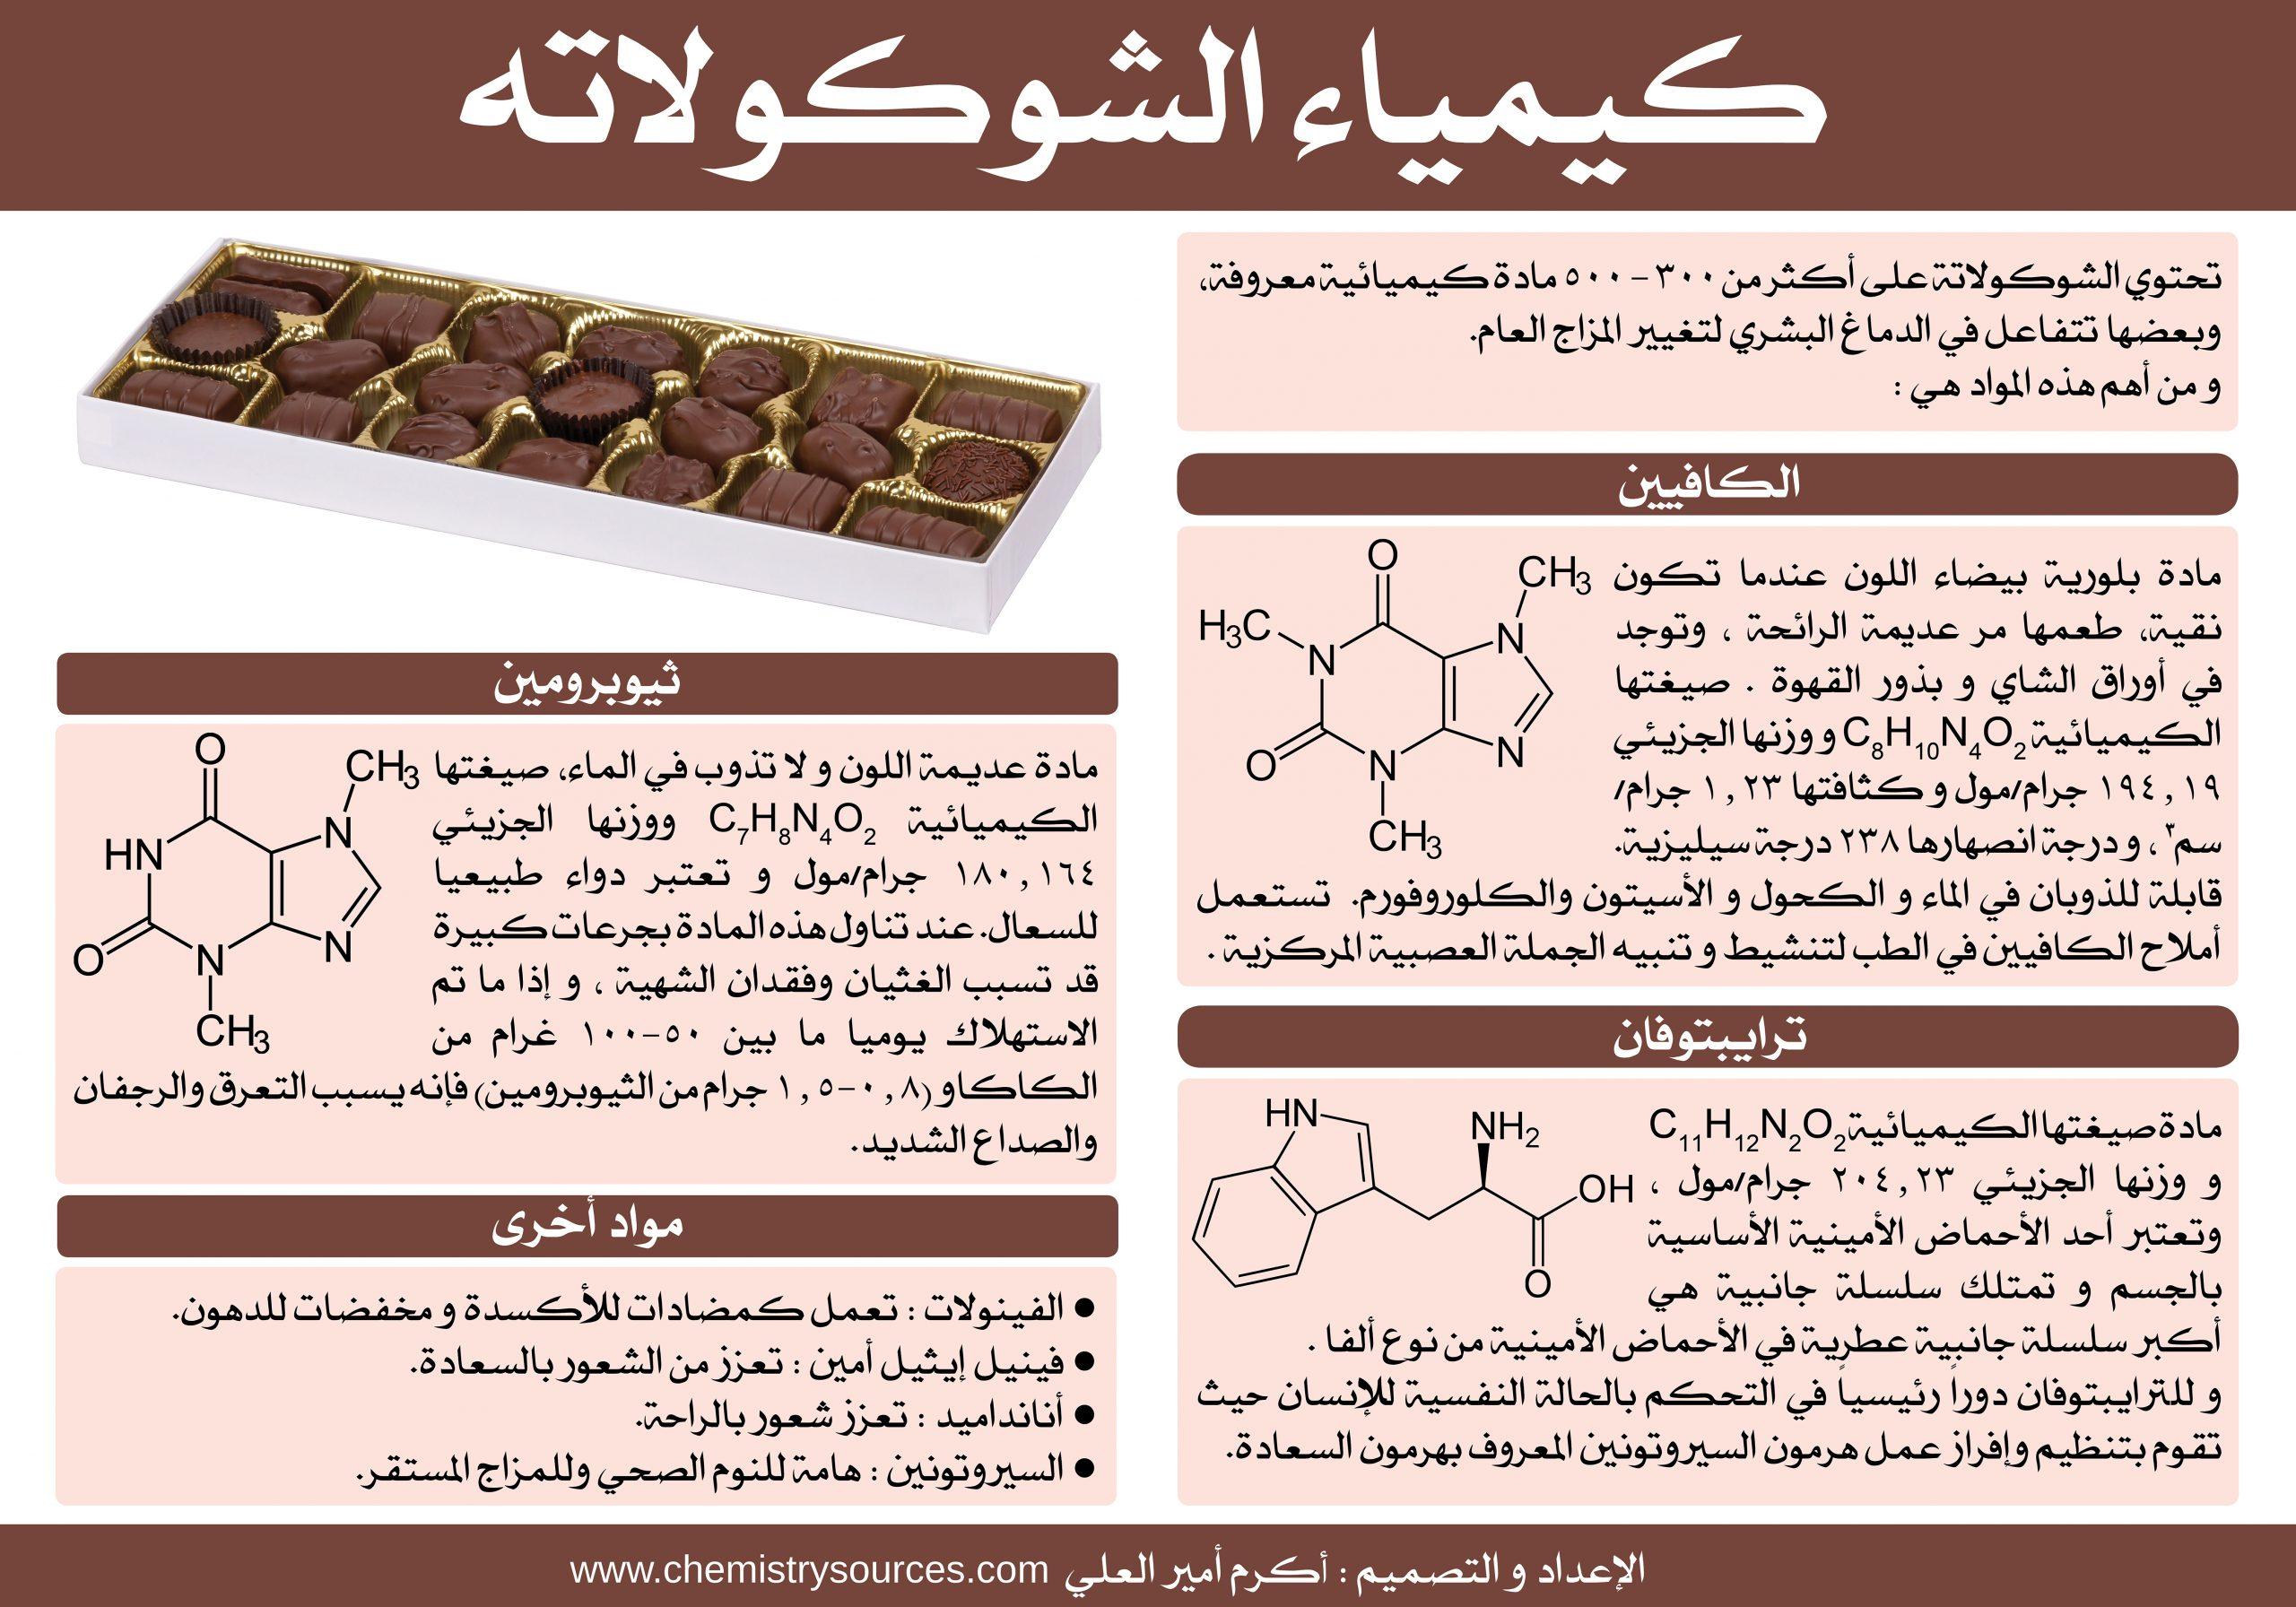 لوحة (بوستر) كيمياء الشوكولاته